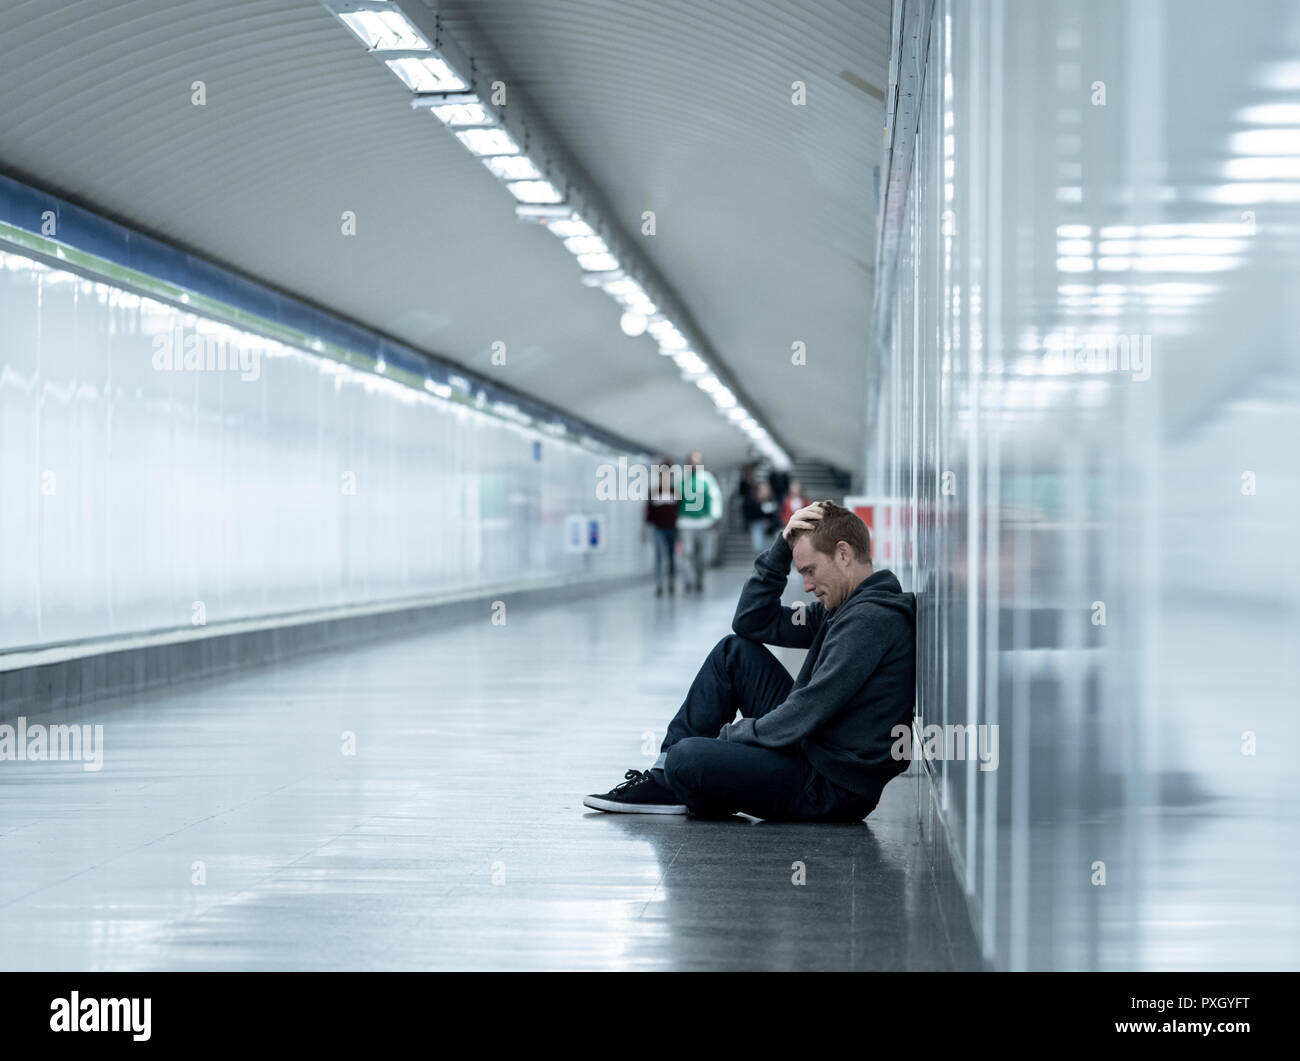 Misere disoccupato giovane uomo grida tossicodipendente senzatetto in depressione stress seduta sul terreno street subway tunnel alla ricerca disperata appoggiata sulla parete Immagini Stock